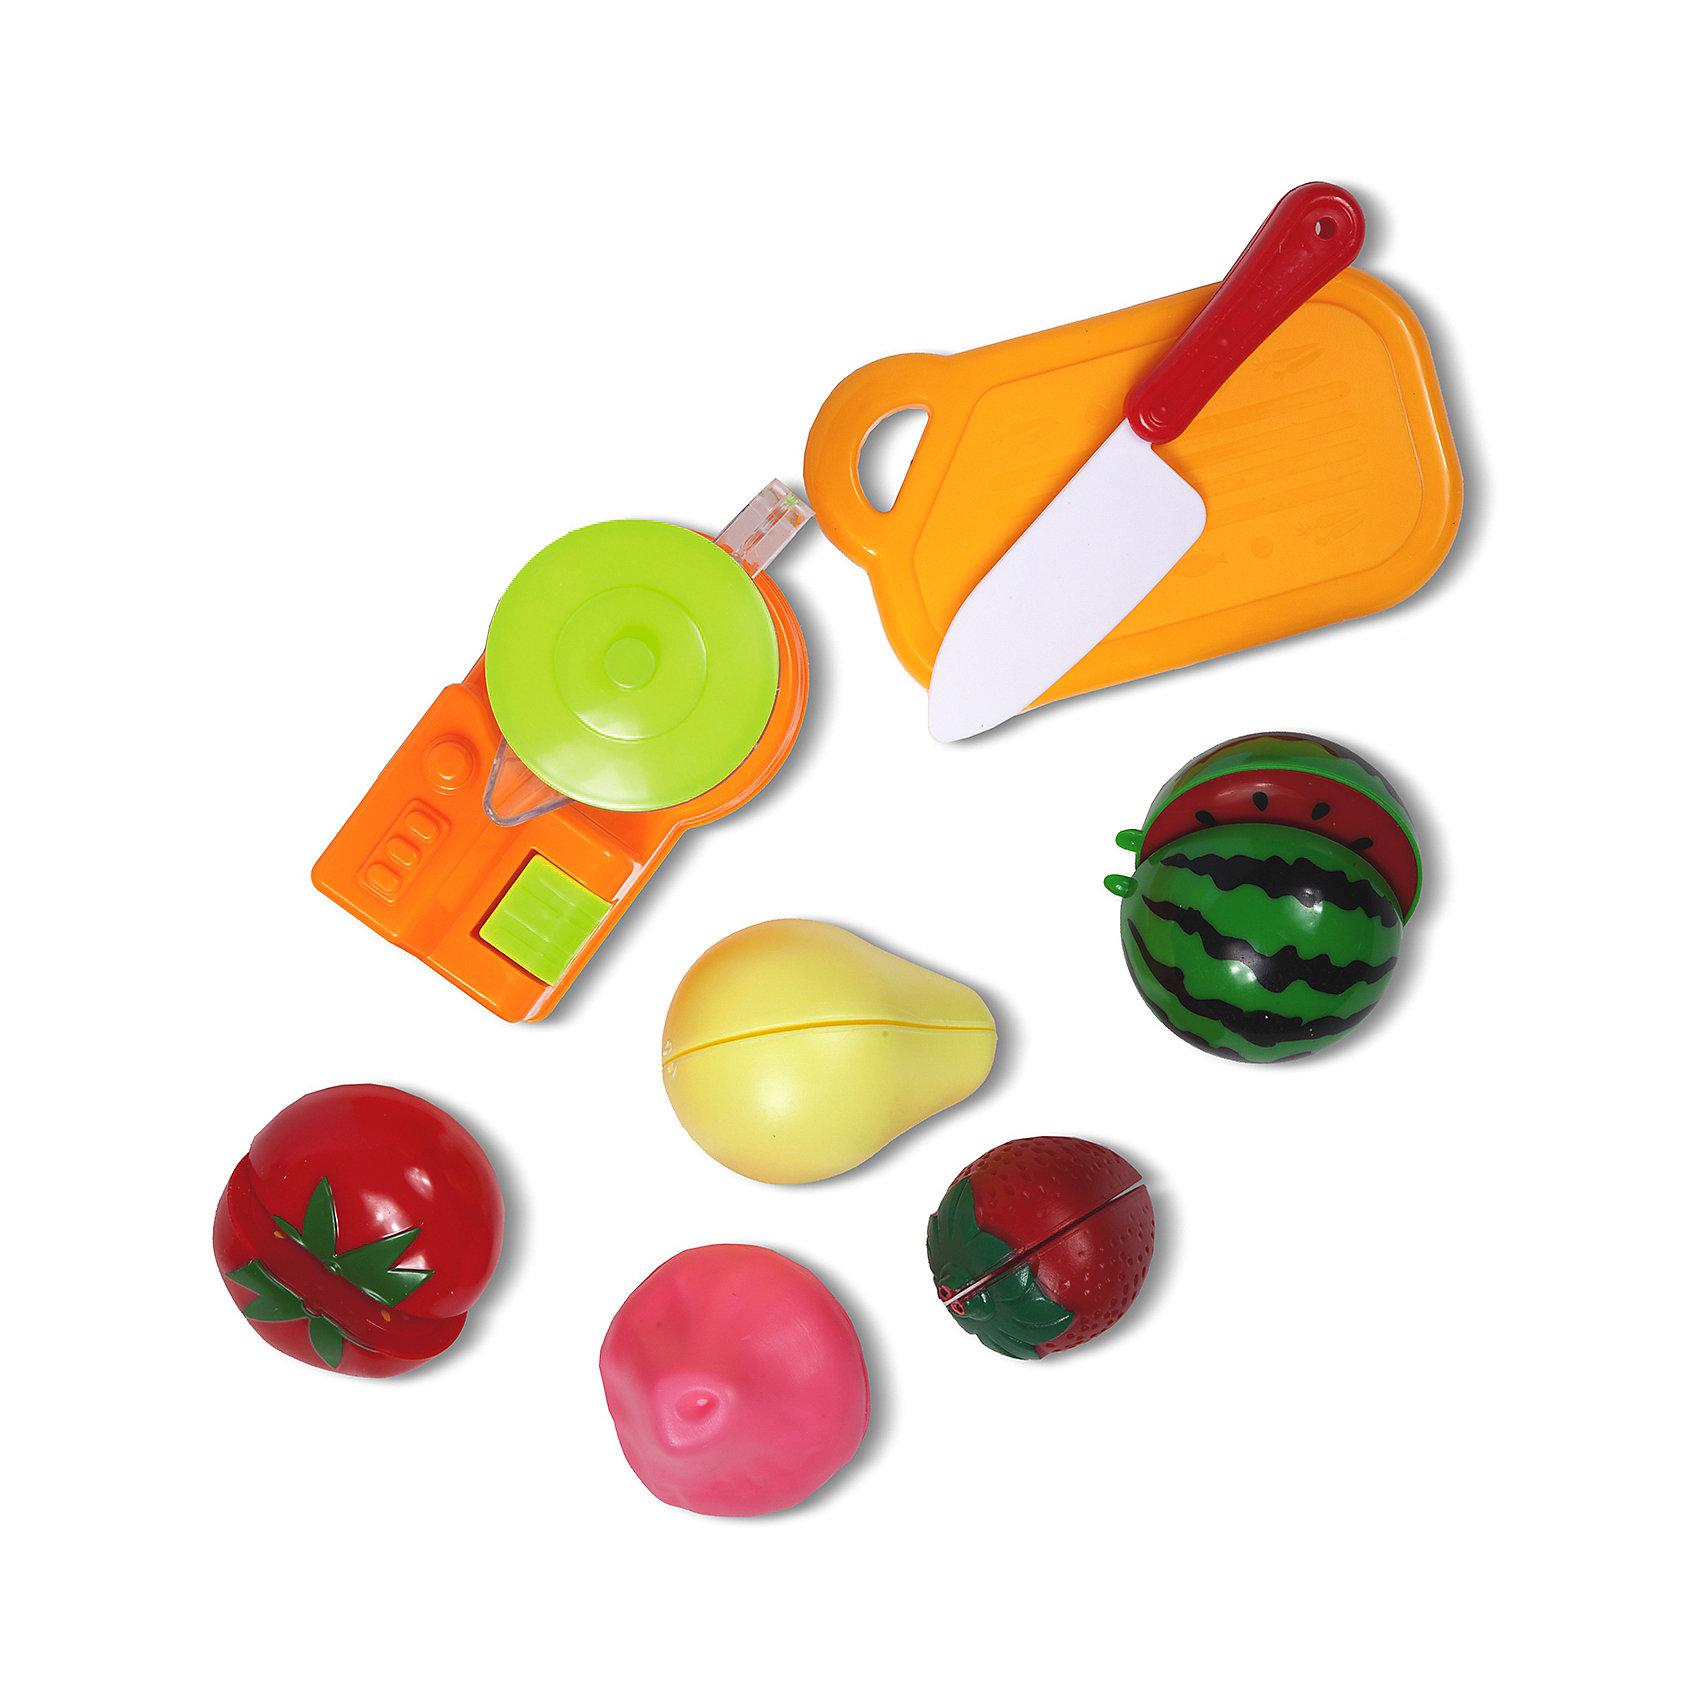 Кухонный набор Фруктовое наслаждение, ALTACTOКто хочет свежевыжатый сок? Теперь ребёнок может легко приготовить соки из разных фруктов, ягод и овощей, которые найдёт в наборе. Здесь есть арбуз, груша, клубника, помидор и другие продукты ярких, сочных цветов, а также блендер, доска и нож<br><br>Ширина мм: 350<br>Глубина мм: 270<br>Высота мм: 60<br>Вес г: 186<br>Возраст от месяцев: 36<br>Возраст до месяцев: 72<br>Пол: Унисекс<br>Возраст: Детский<br>SKU: 4150550